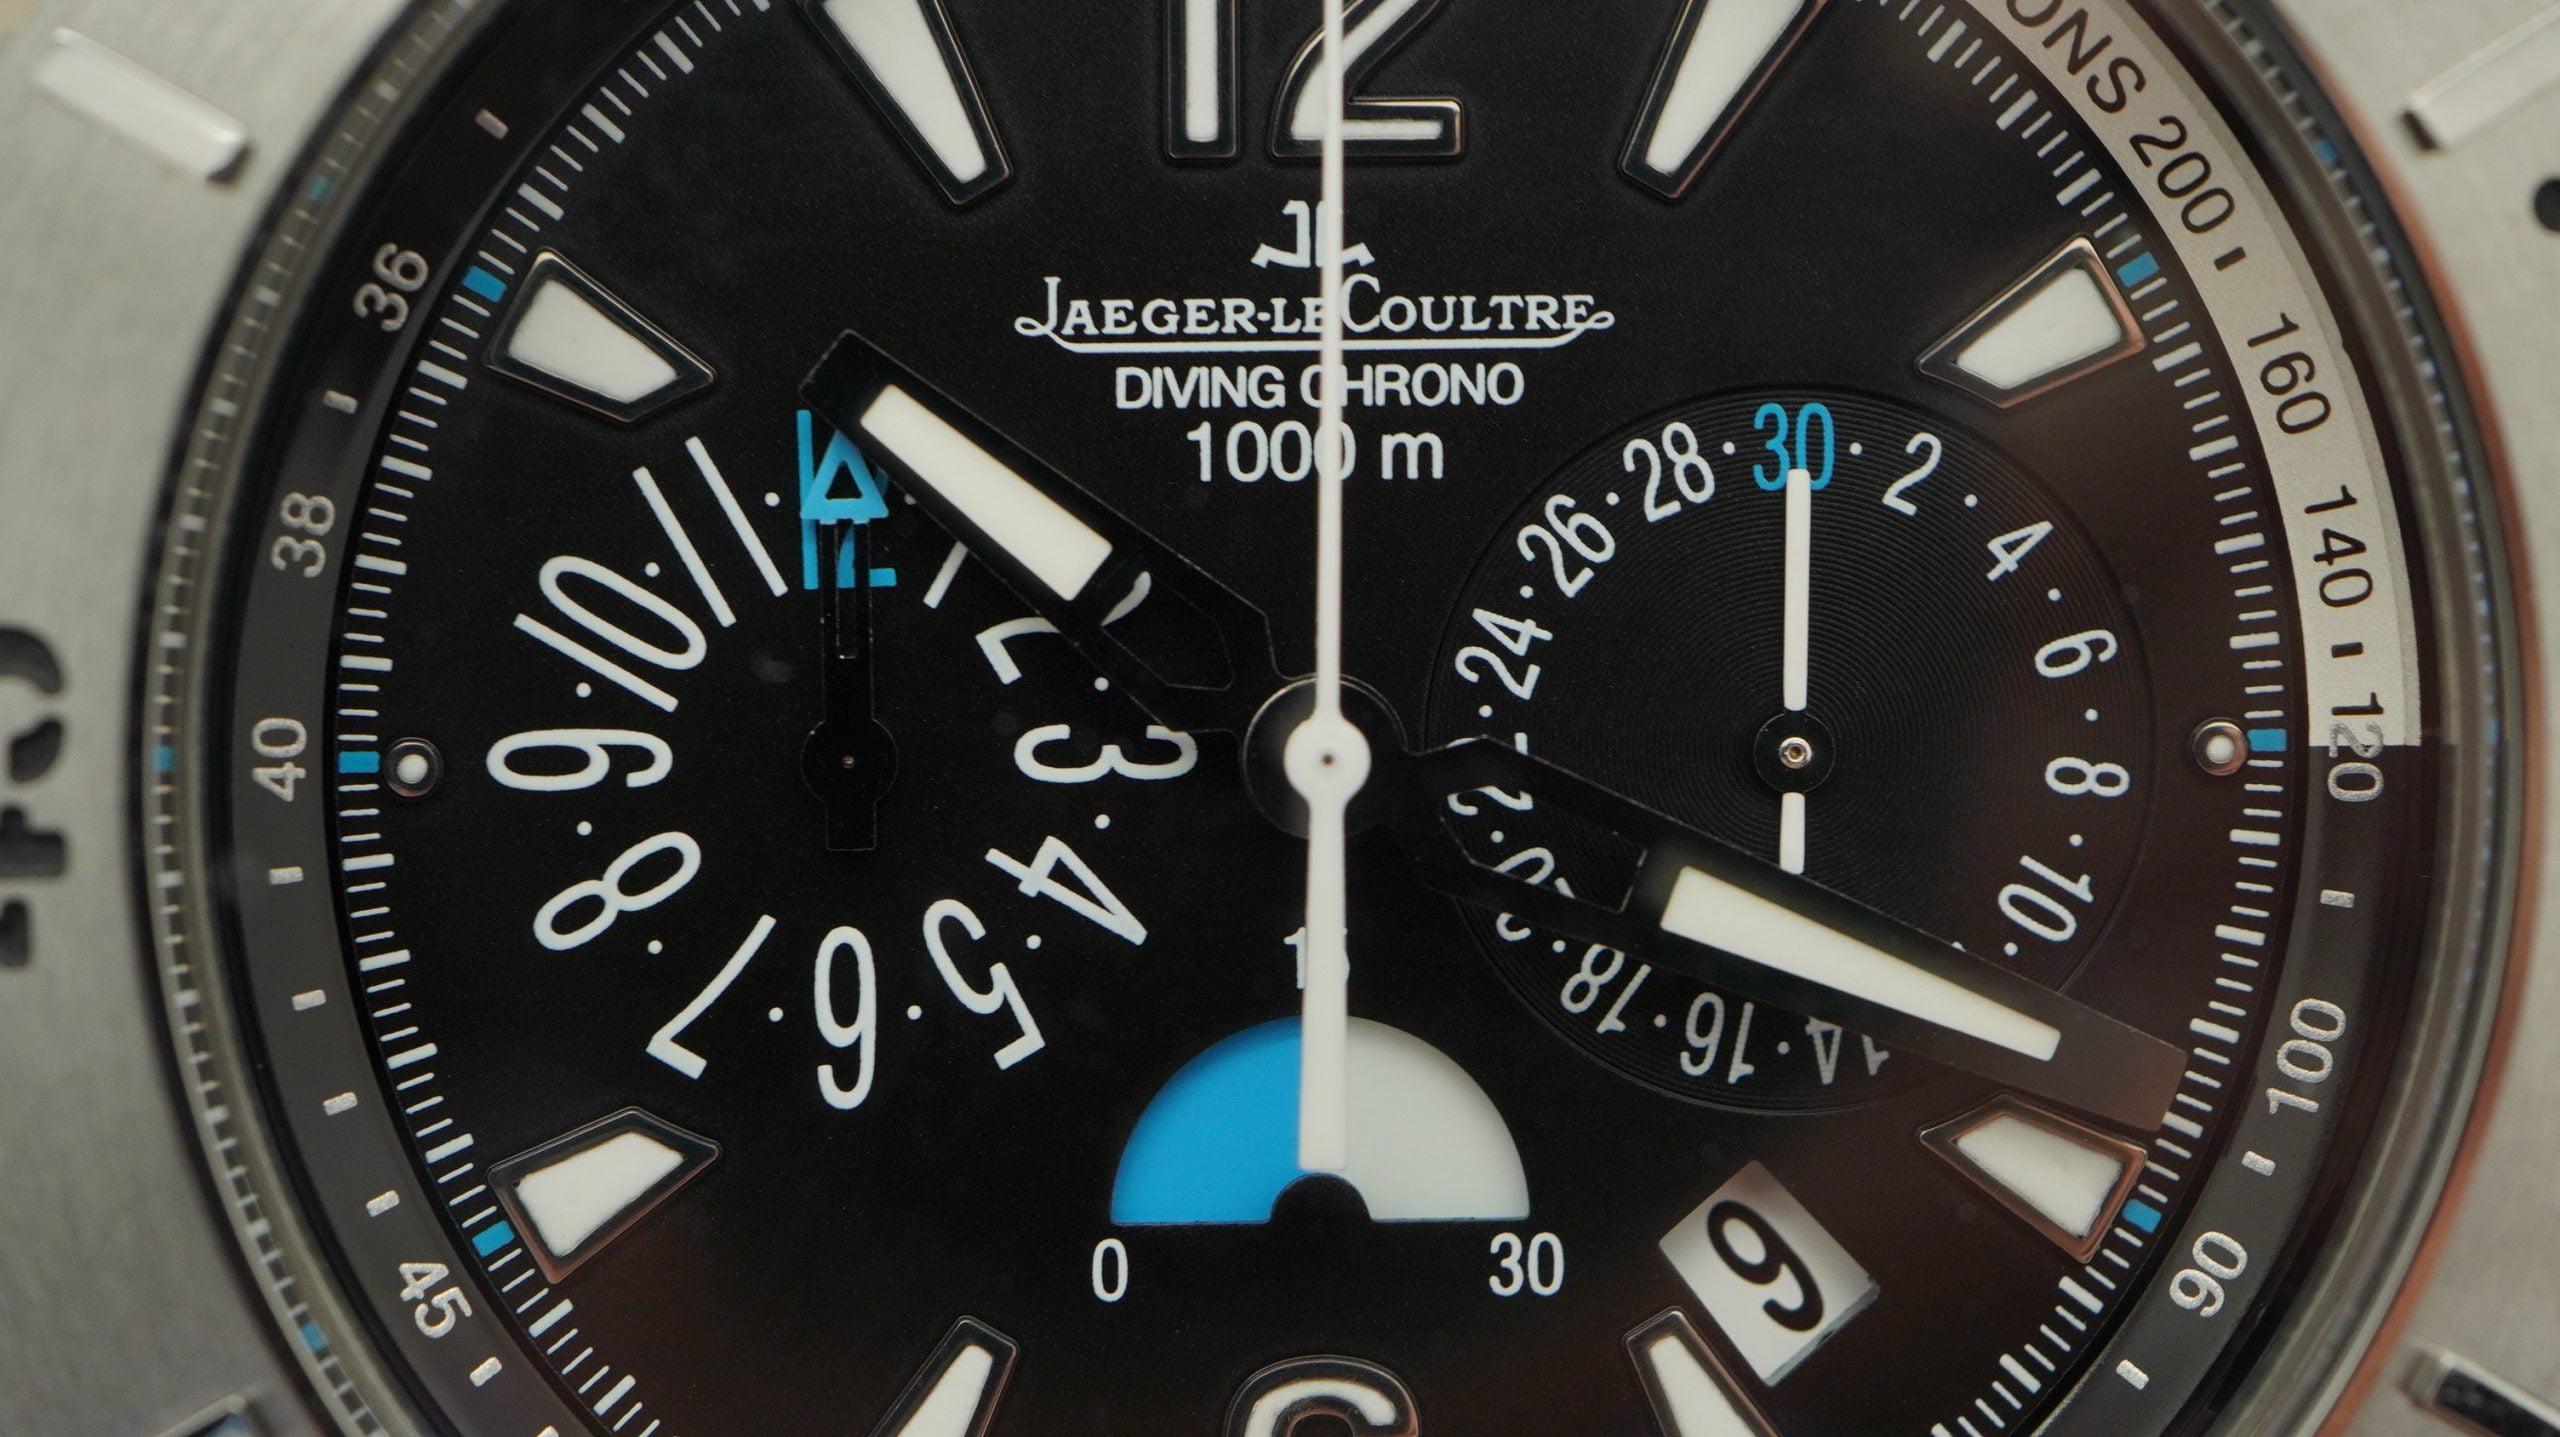 Jaeger Le Coultre Diver Chrono